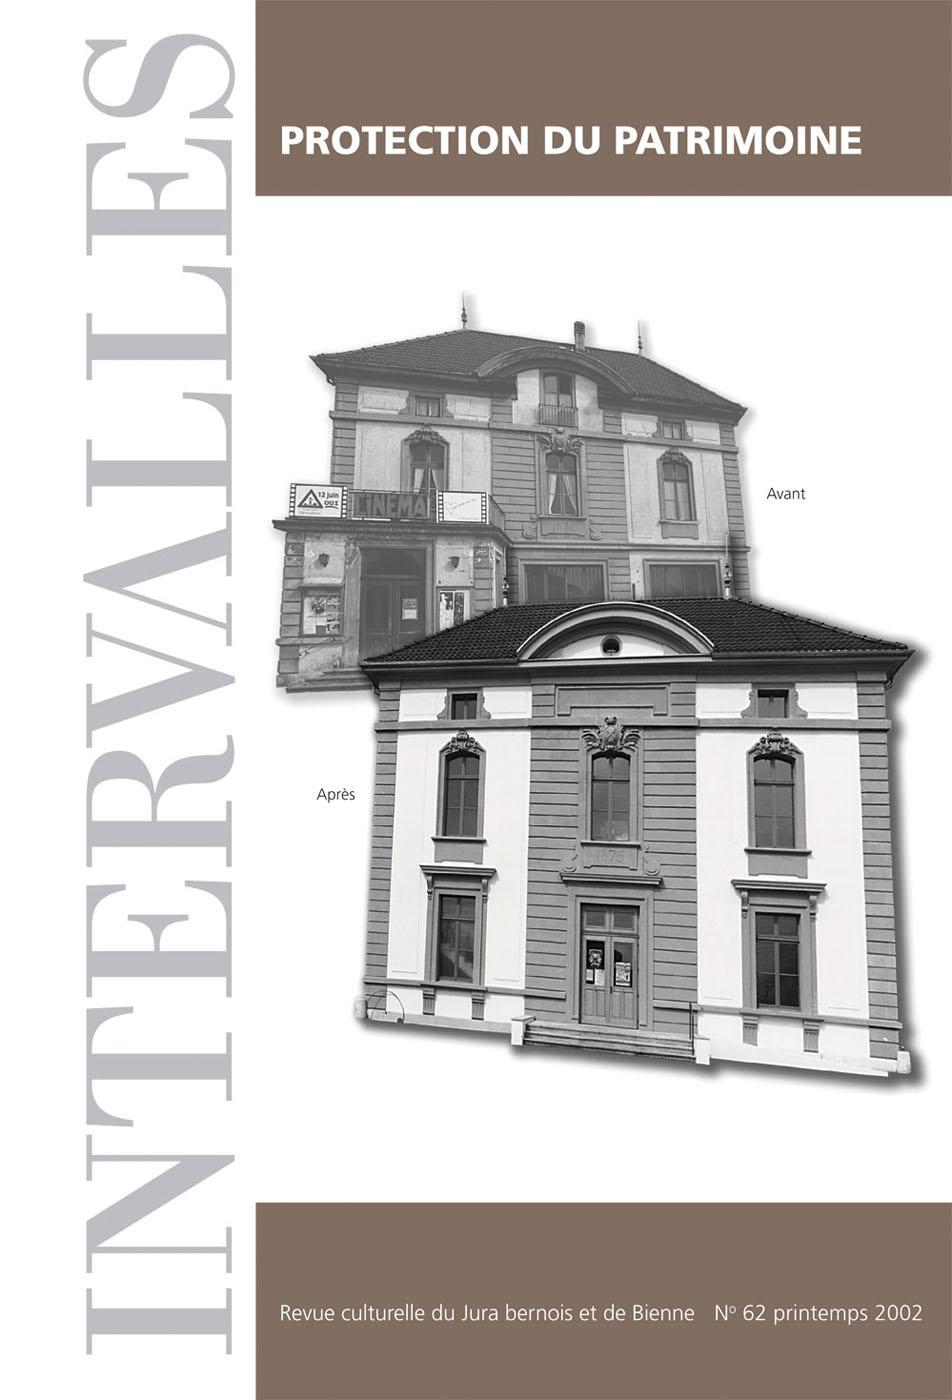 No 62 – Protection du patrimoine